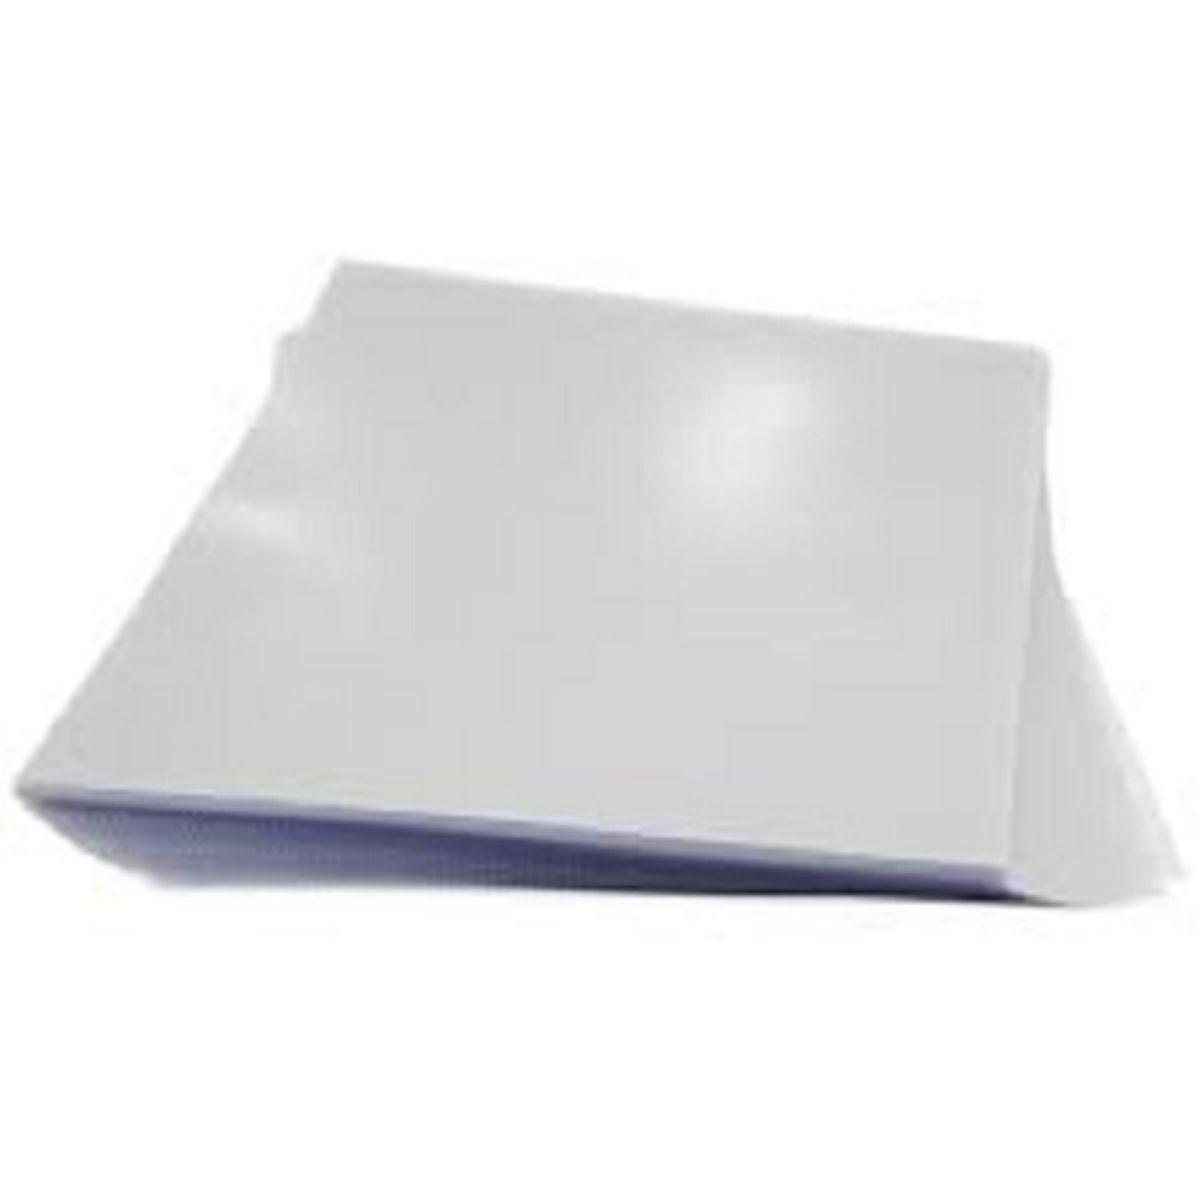 Capa para Encadernação PP 0,30mm Oficio Branca Couro (Fundo) - Pacote com 100 unidades  - Click Suprimentos